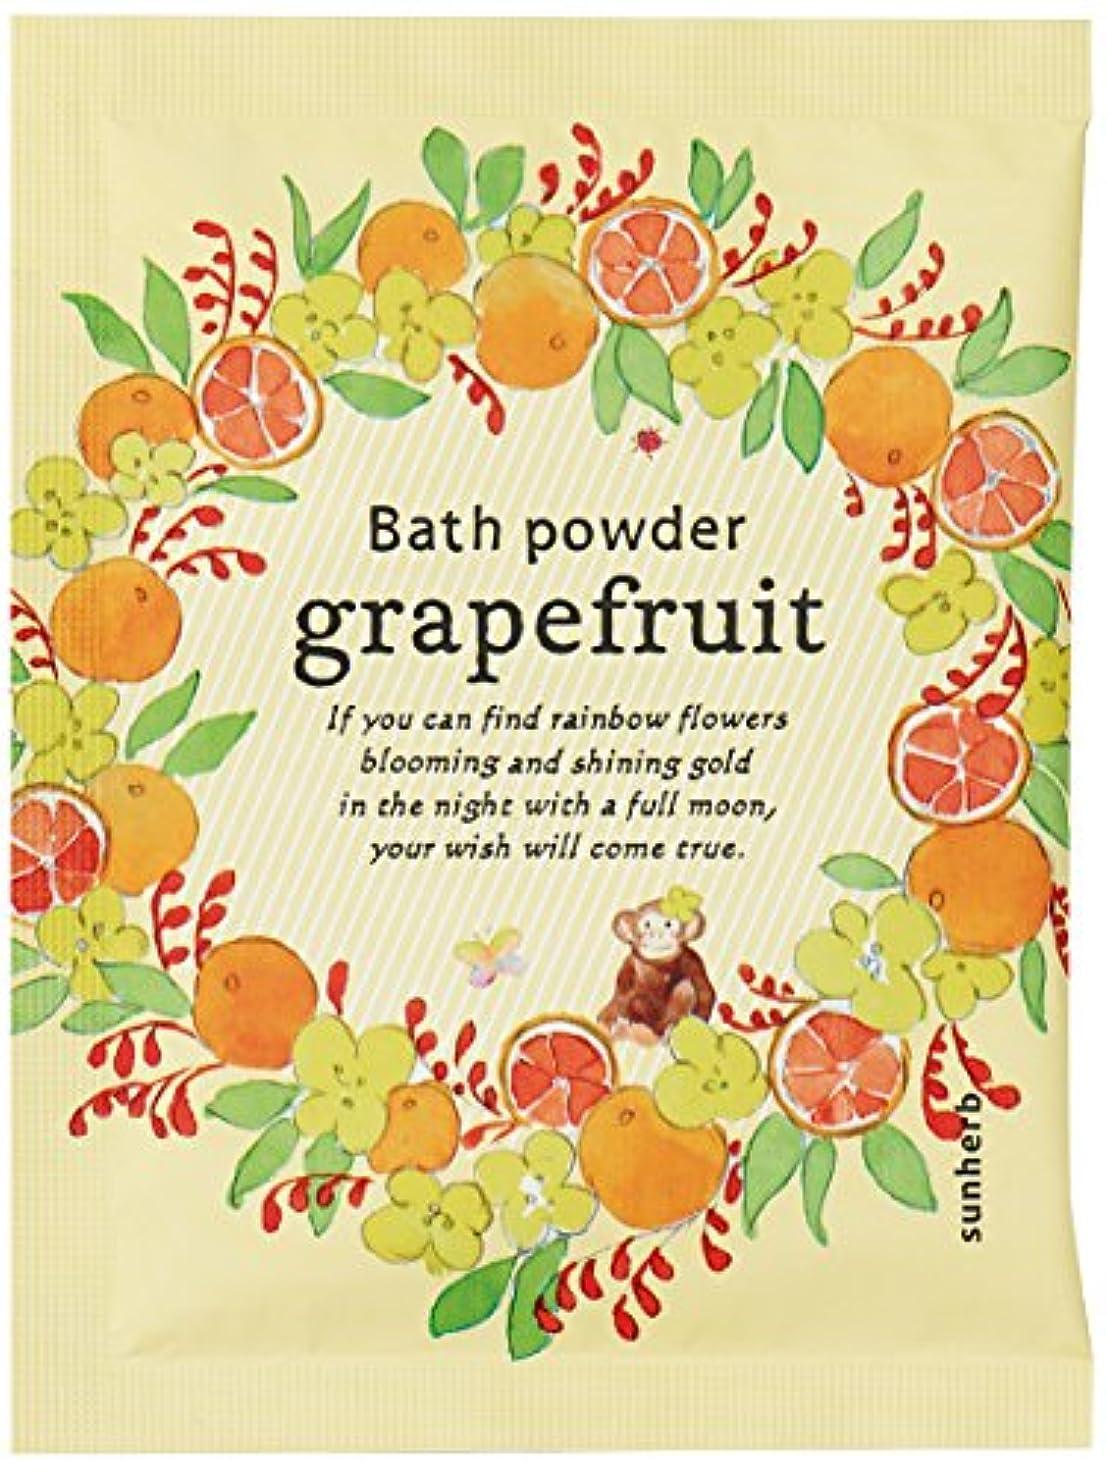 グラフィック気分が良いバケットサンハーブ バスパウダー25g グレープフルーツ 12個(しっとりミルキータイプの入浴料 シャキっとまぶしい柑橘系の香り)